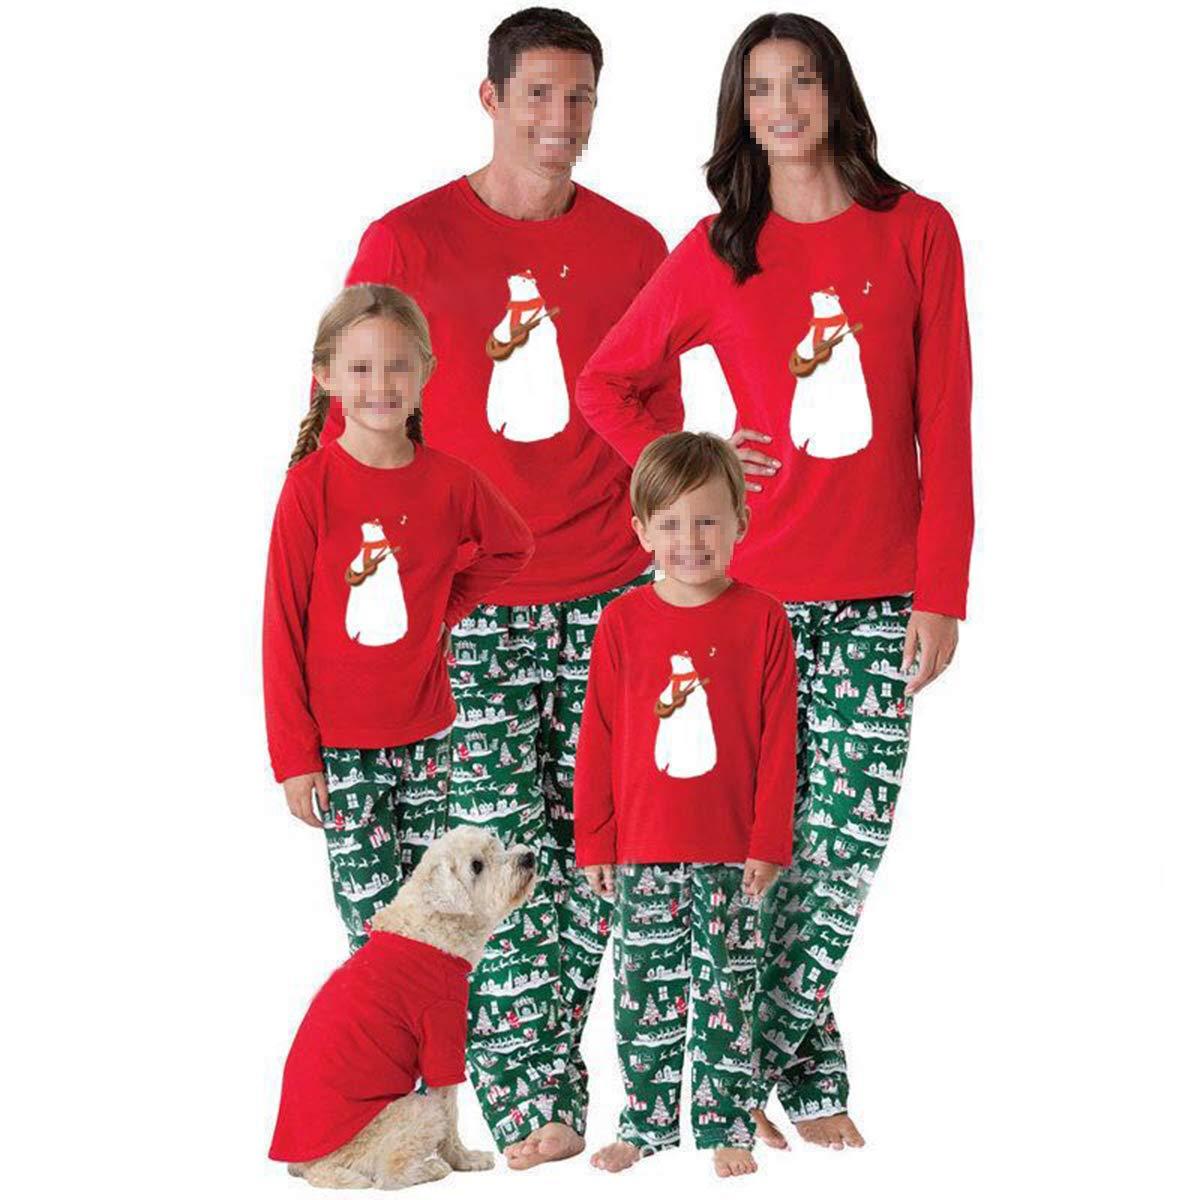 Legendeiu Ensemble de Pyjama de No/ël pour Famille avec v/êtements Assortis pour la Famille et la Maman